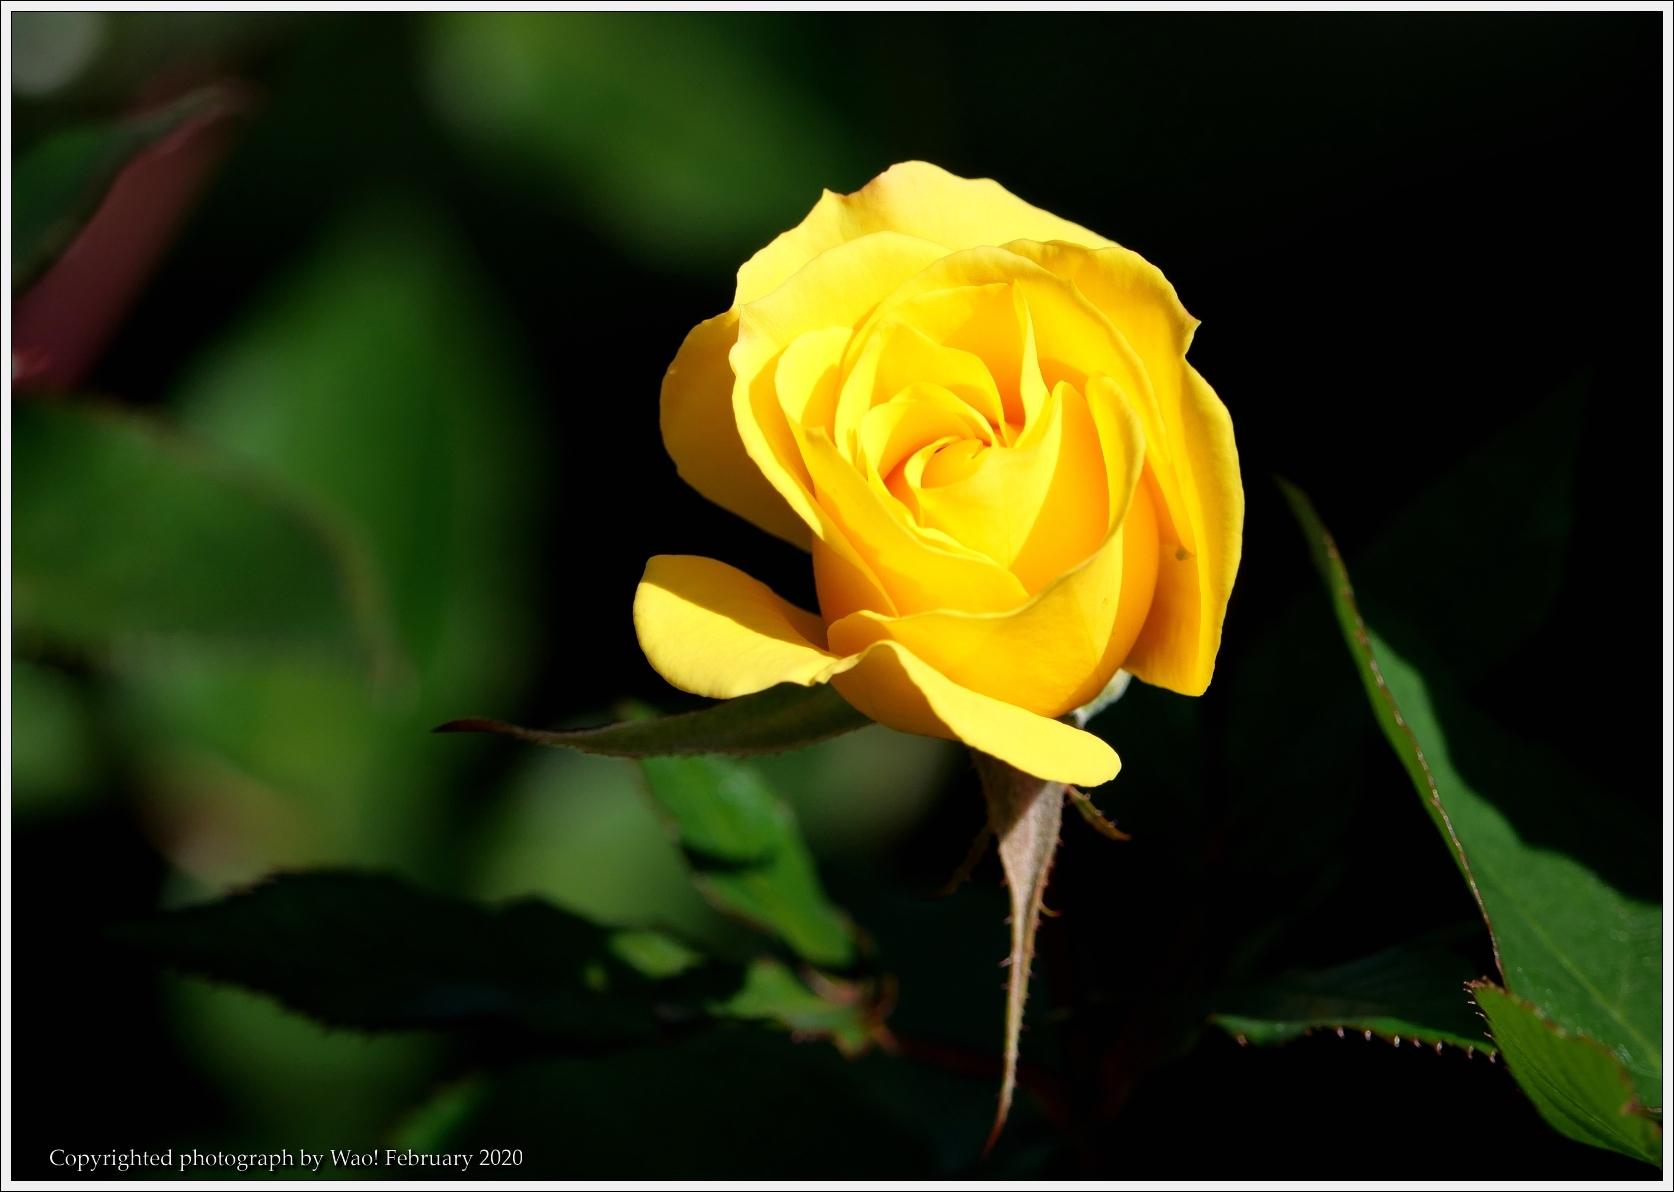 冬のバラと温室の花と蝶_c0198669_16093088.jpg